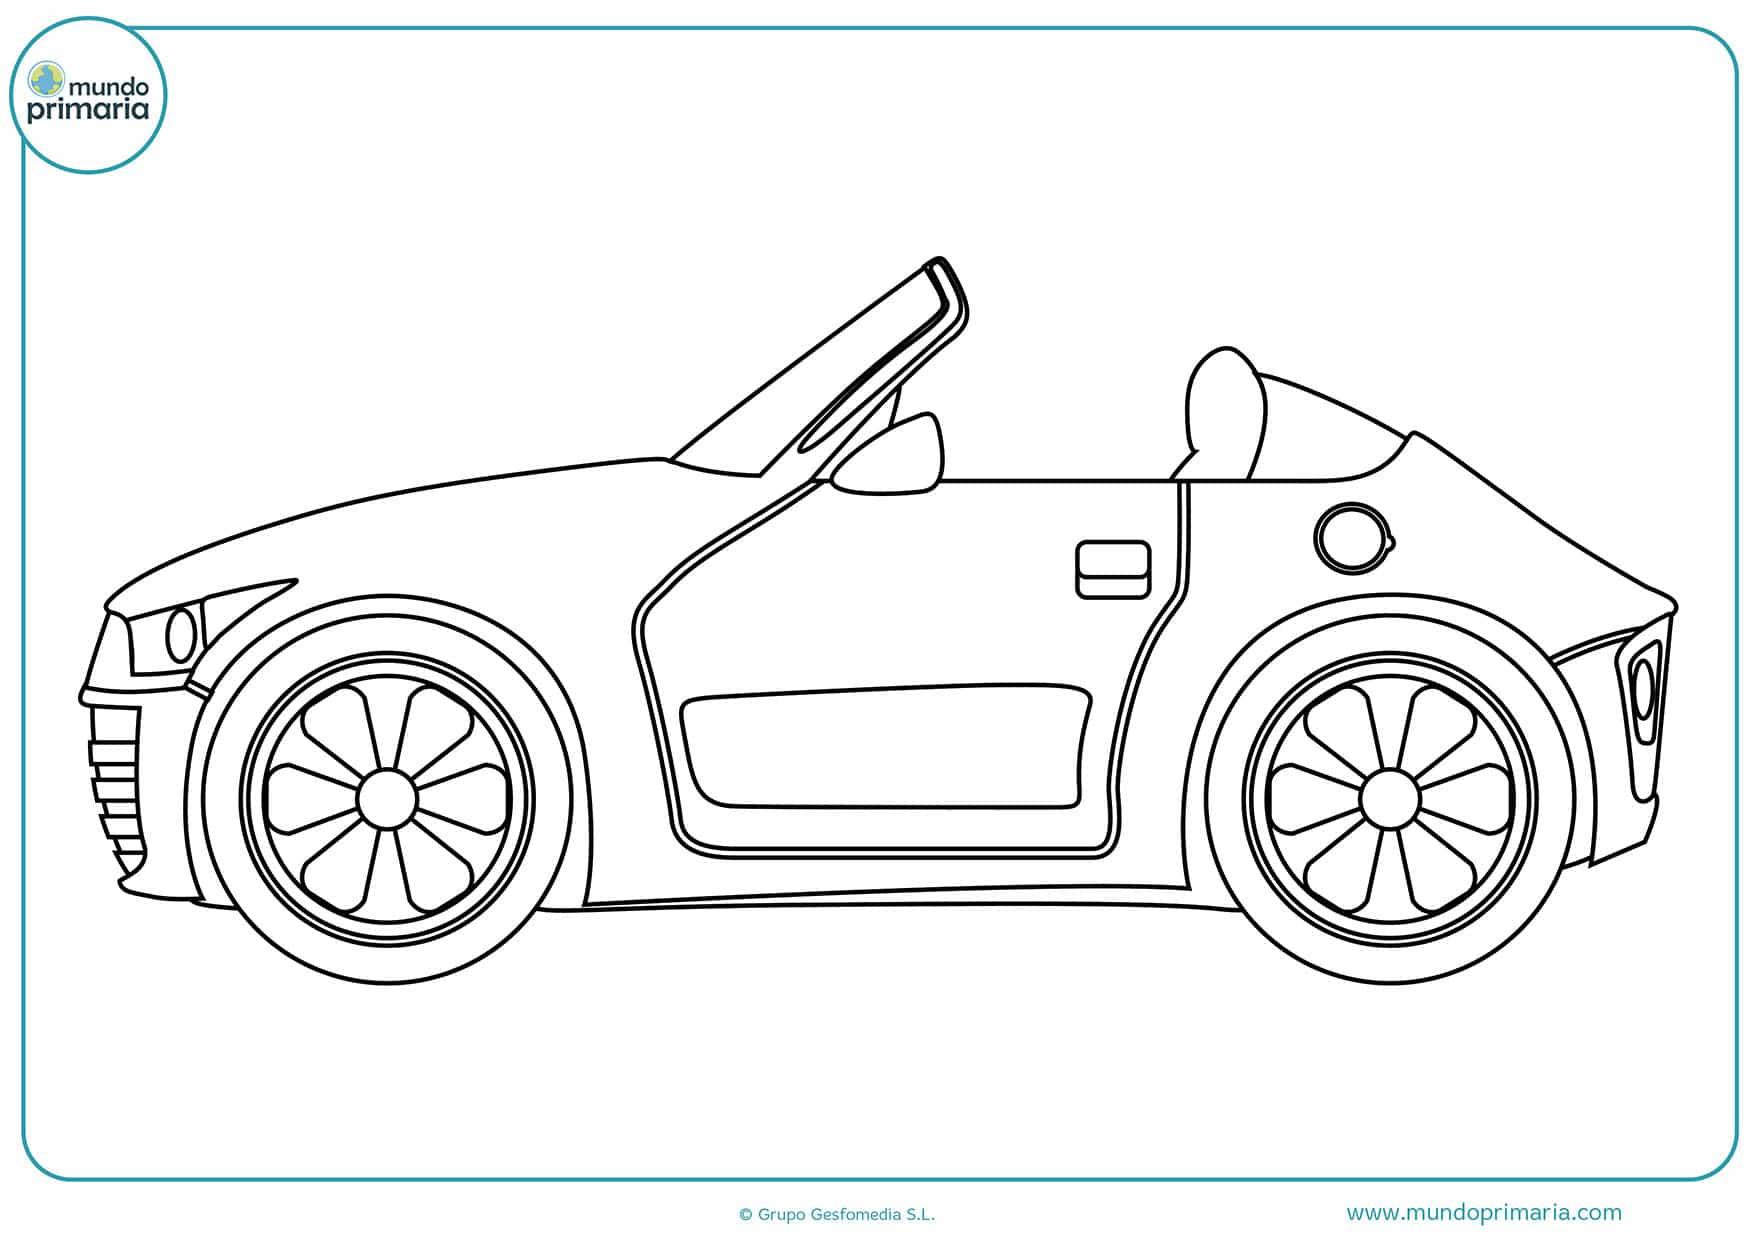 Colorear dibujos carros gratis